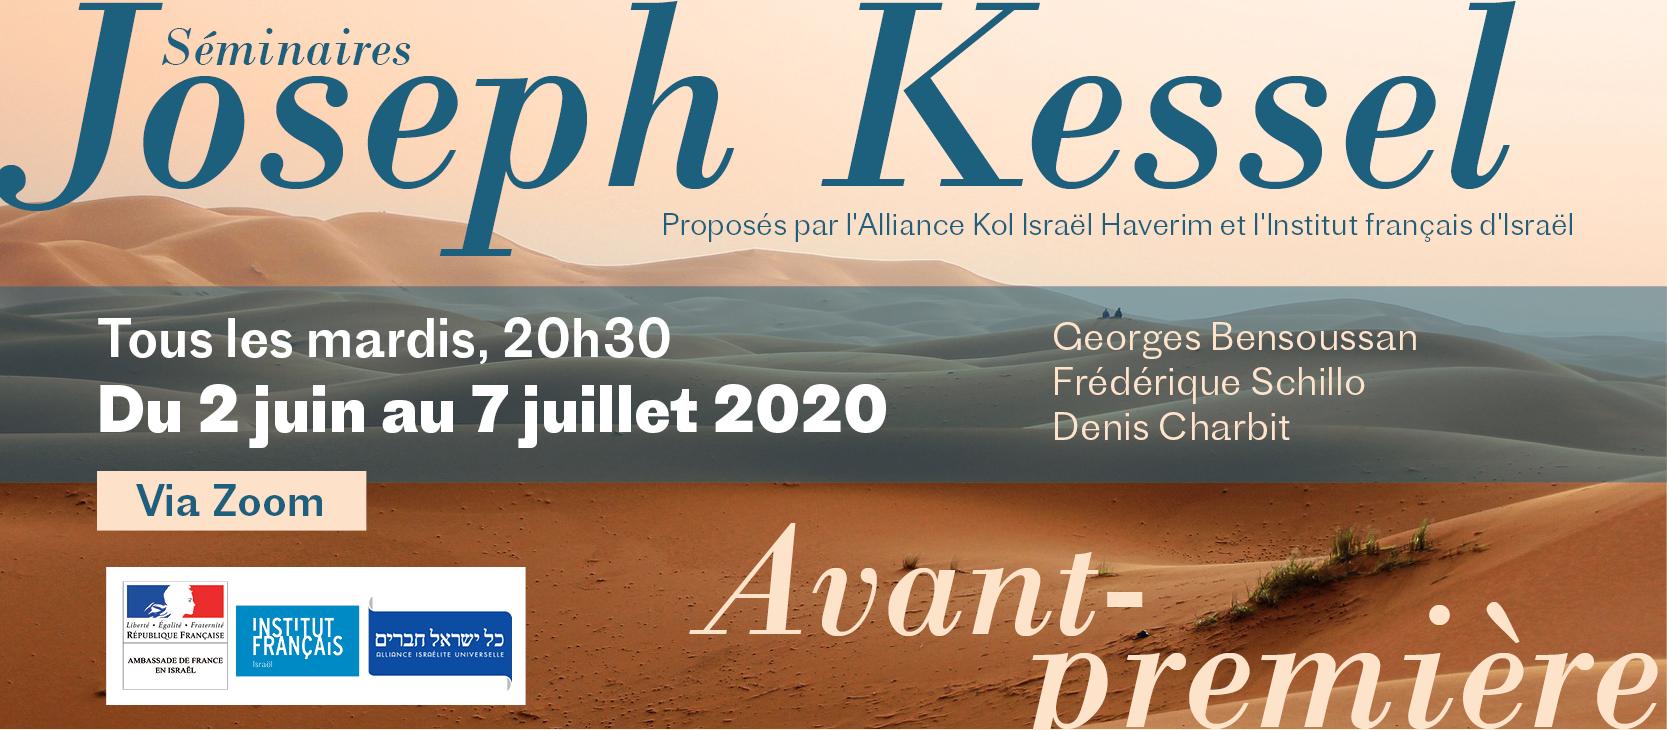 Visioconférence: Séminaires d'études Joseph Kessel, avec Denis Charbit